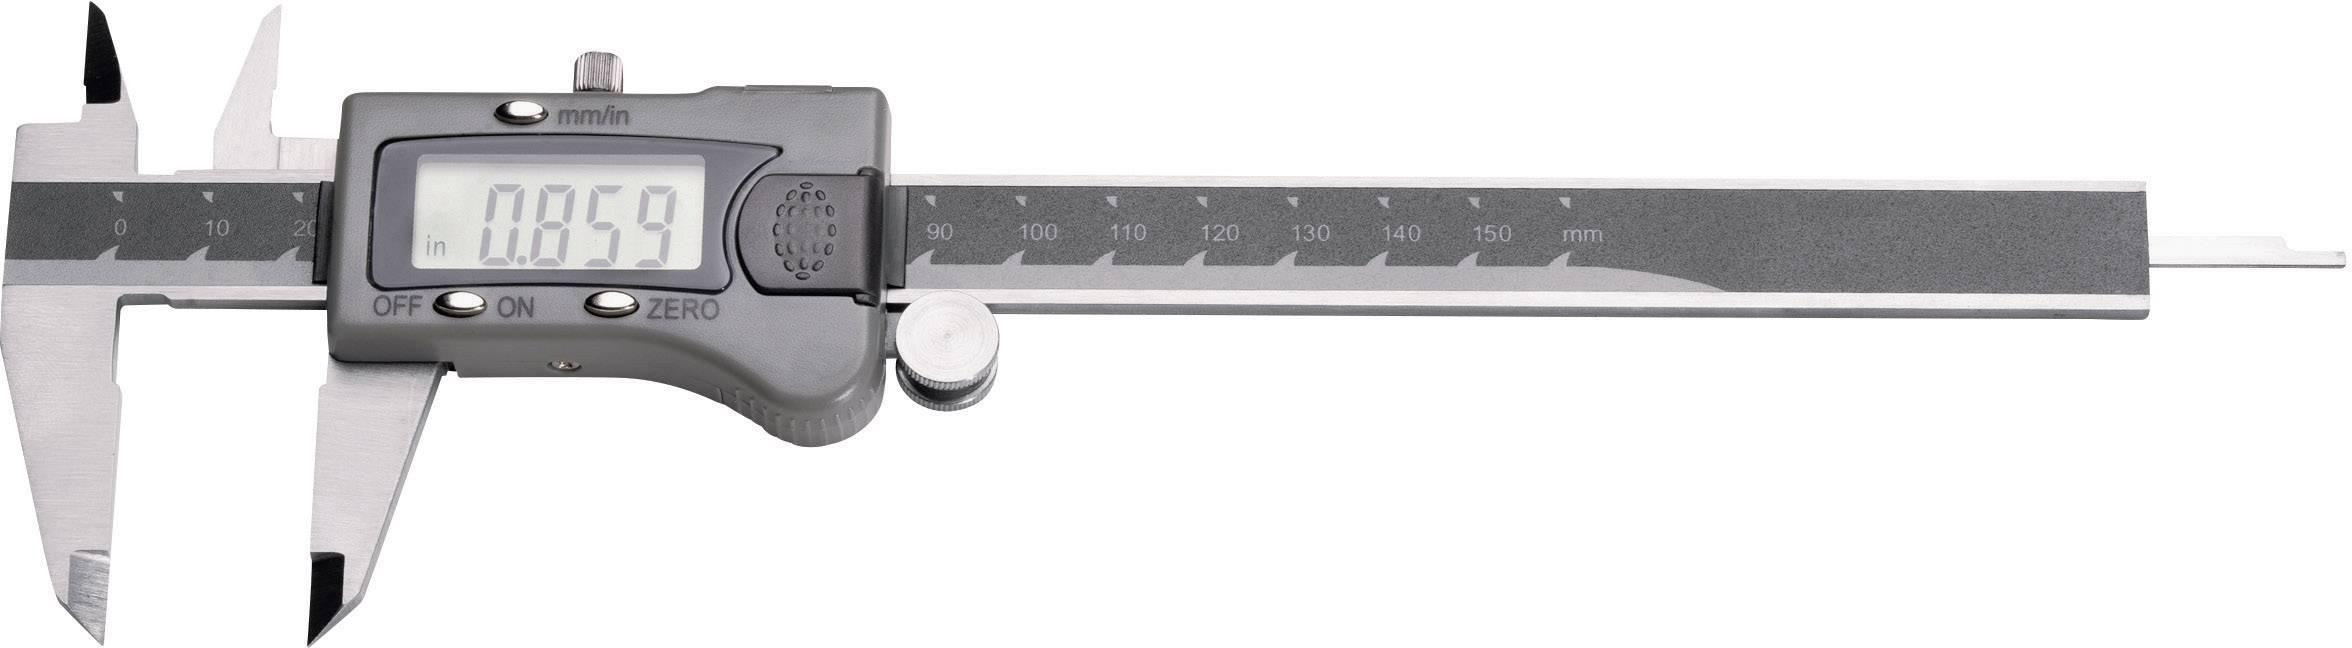 Digitální posuvné měřítko Horex 2211722, měřicí rozsah 300 mm, Kalibrováno dle podnikový standard (bez certifikátu) (own)